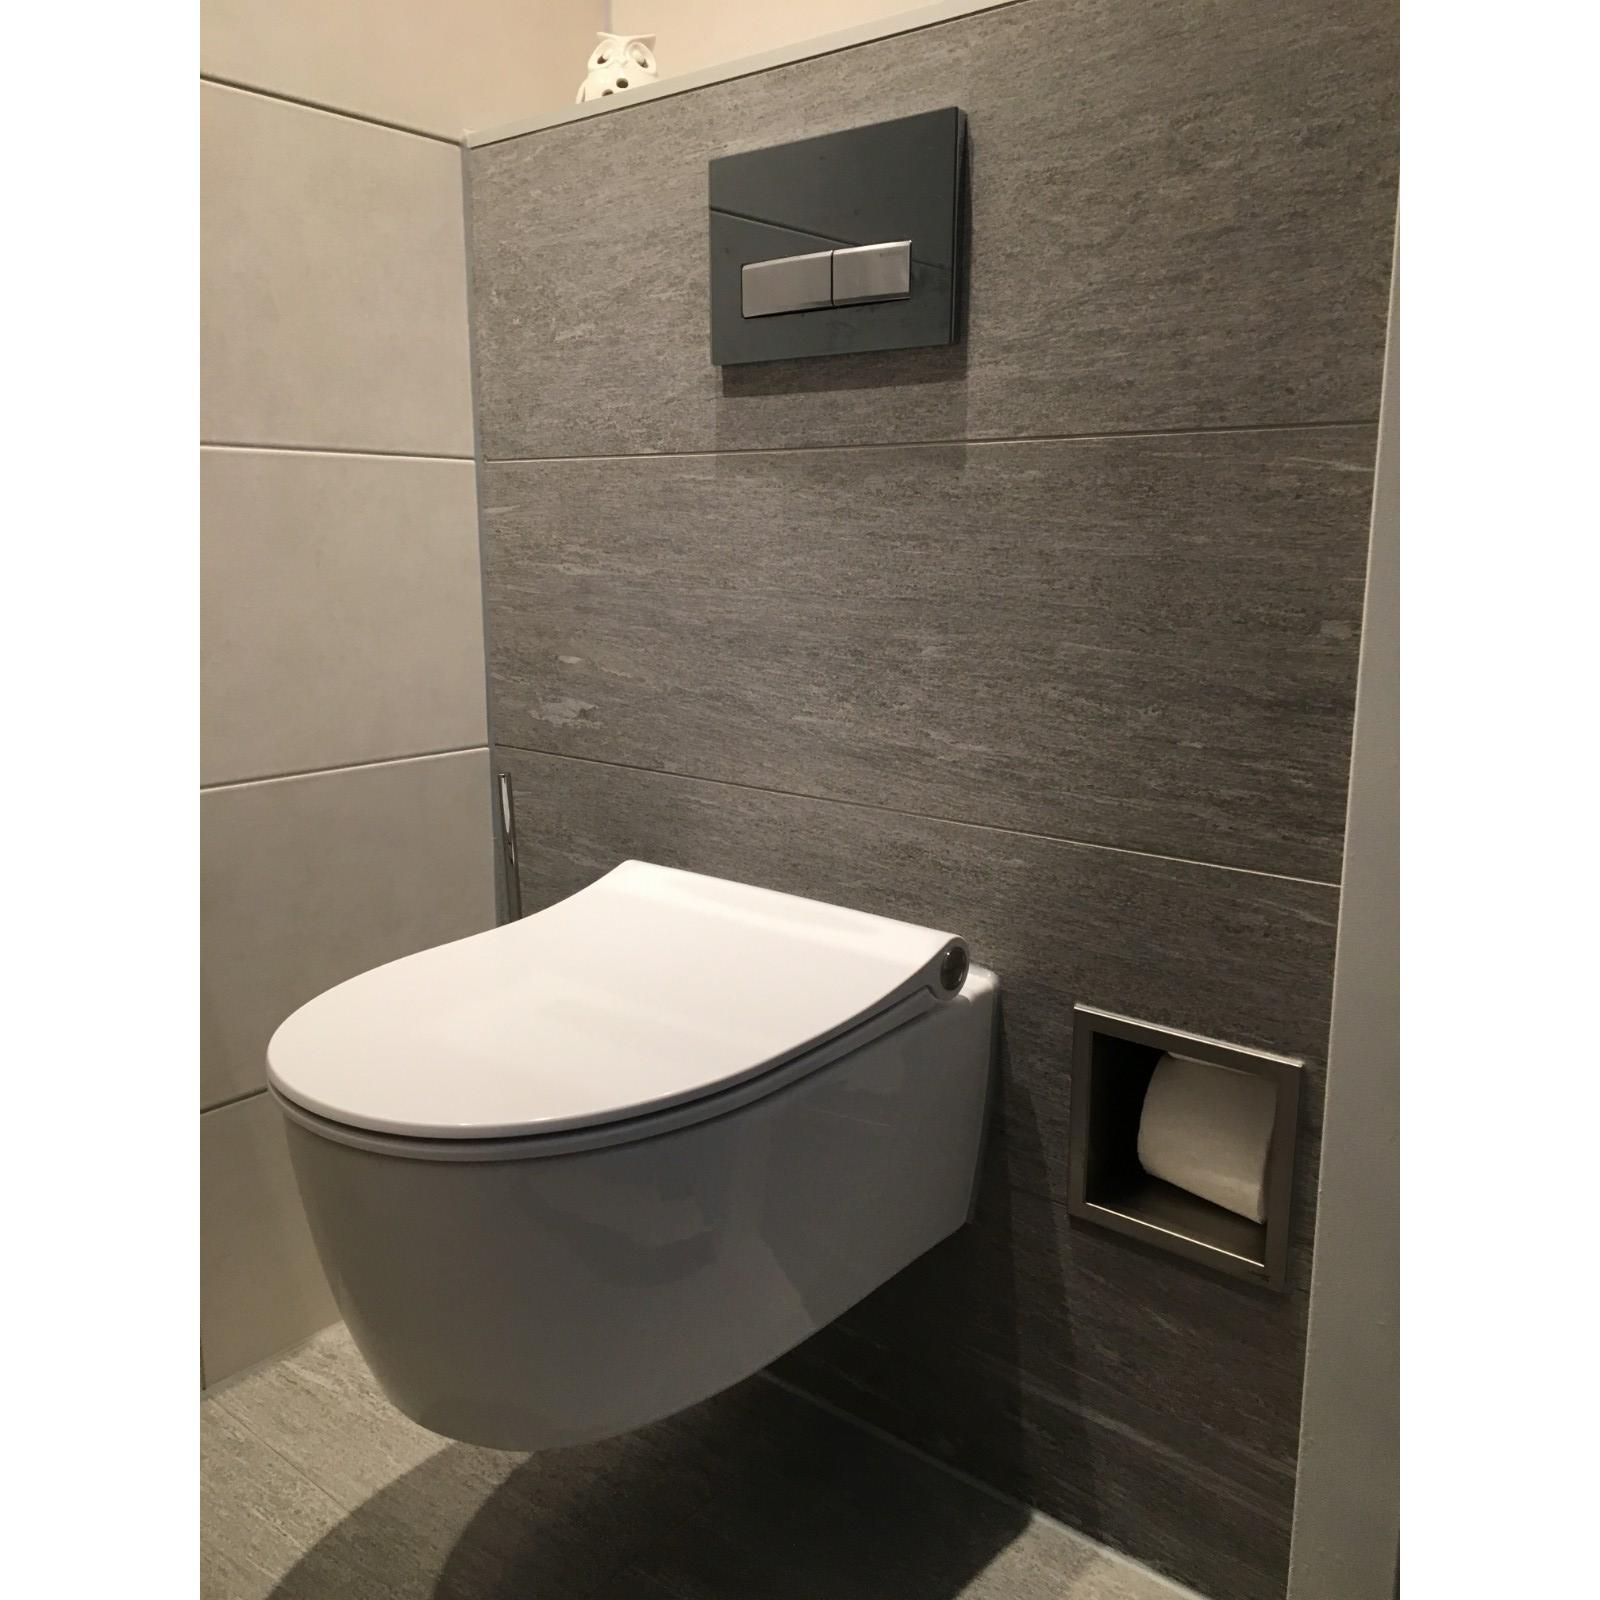 Hedendaags Toilet gerenoveerd naar moderne toilet Amsterdam Zuidoost | Tuijps EB-08